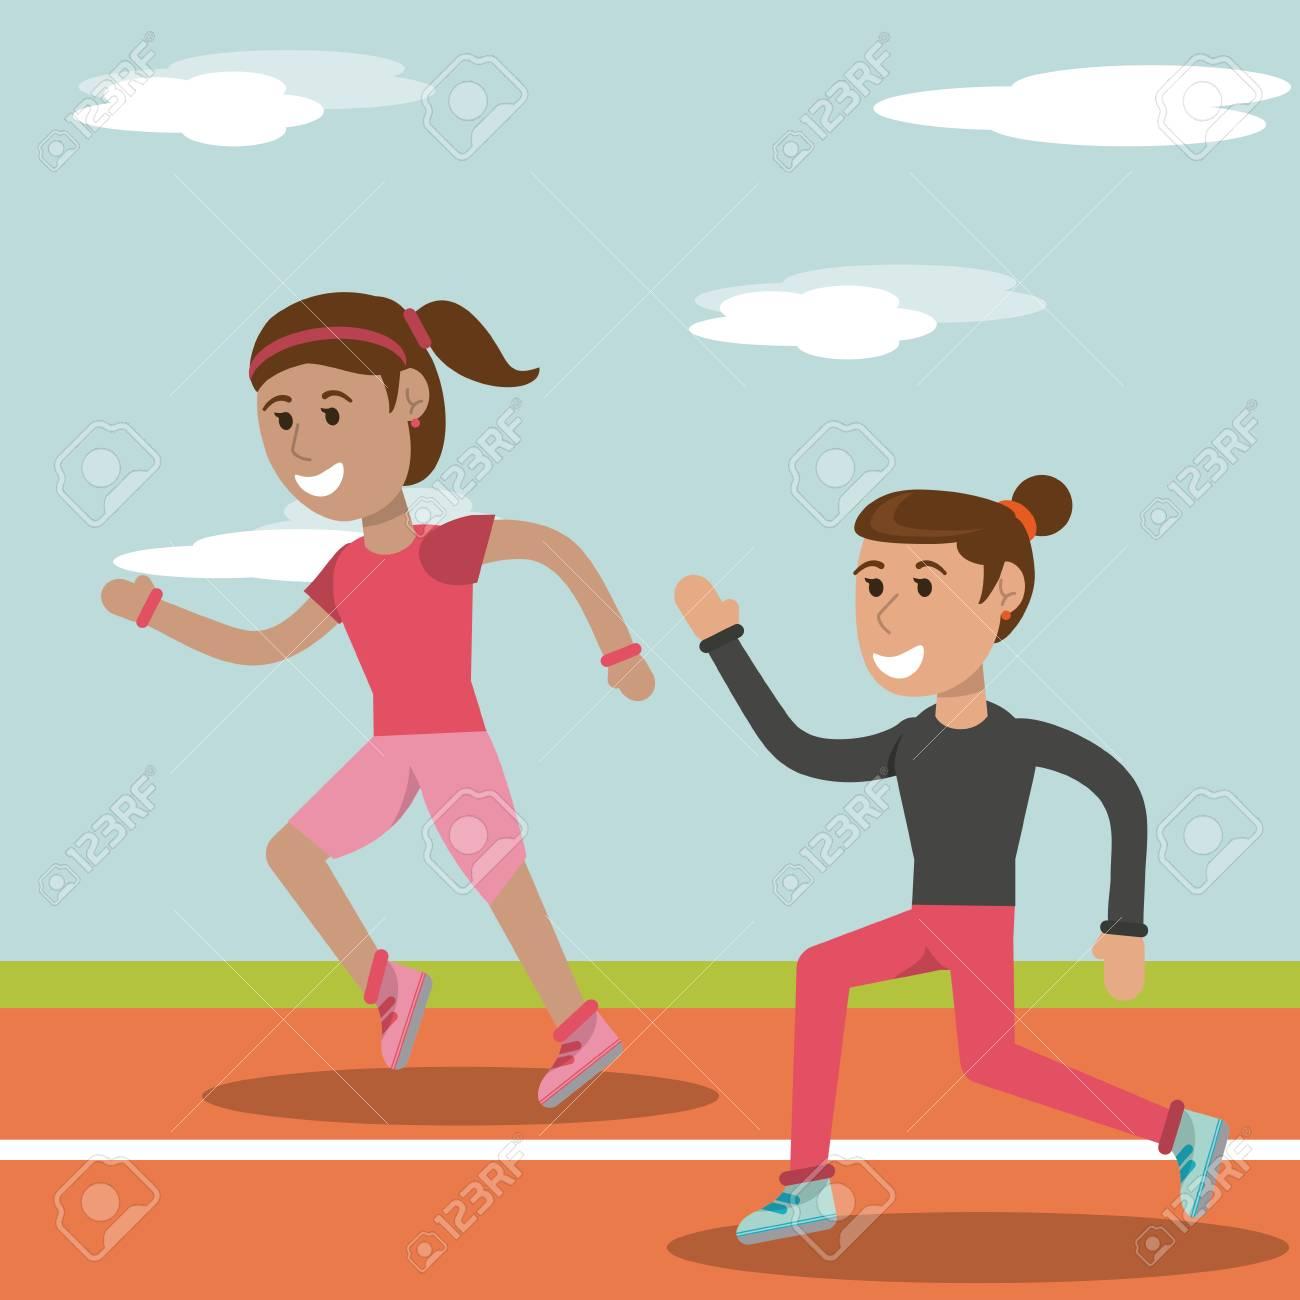 Chica De Dibujos Animados Corriendo Ilustración De Vector De Imagen